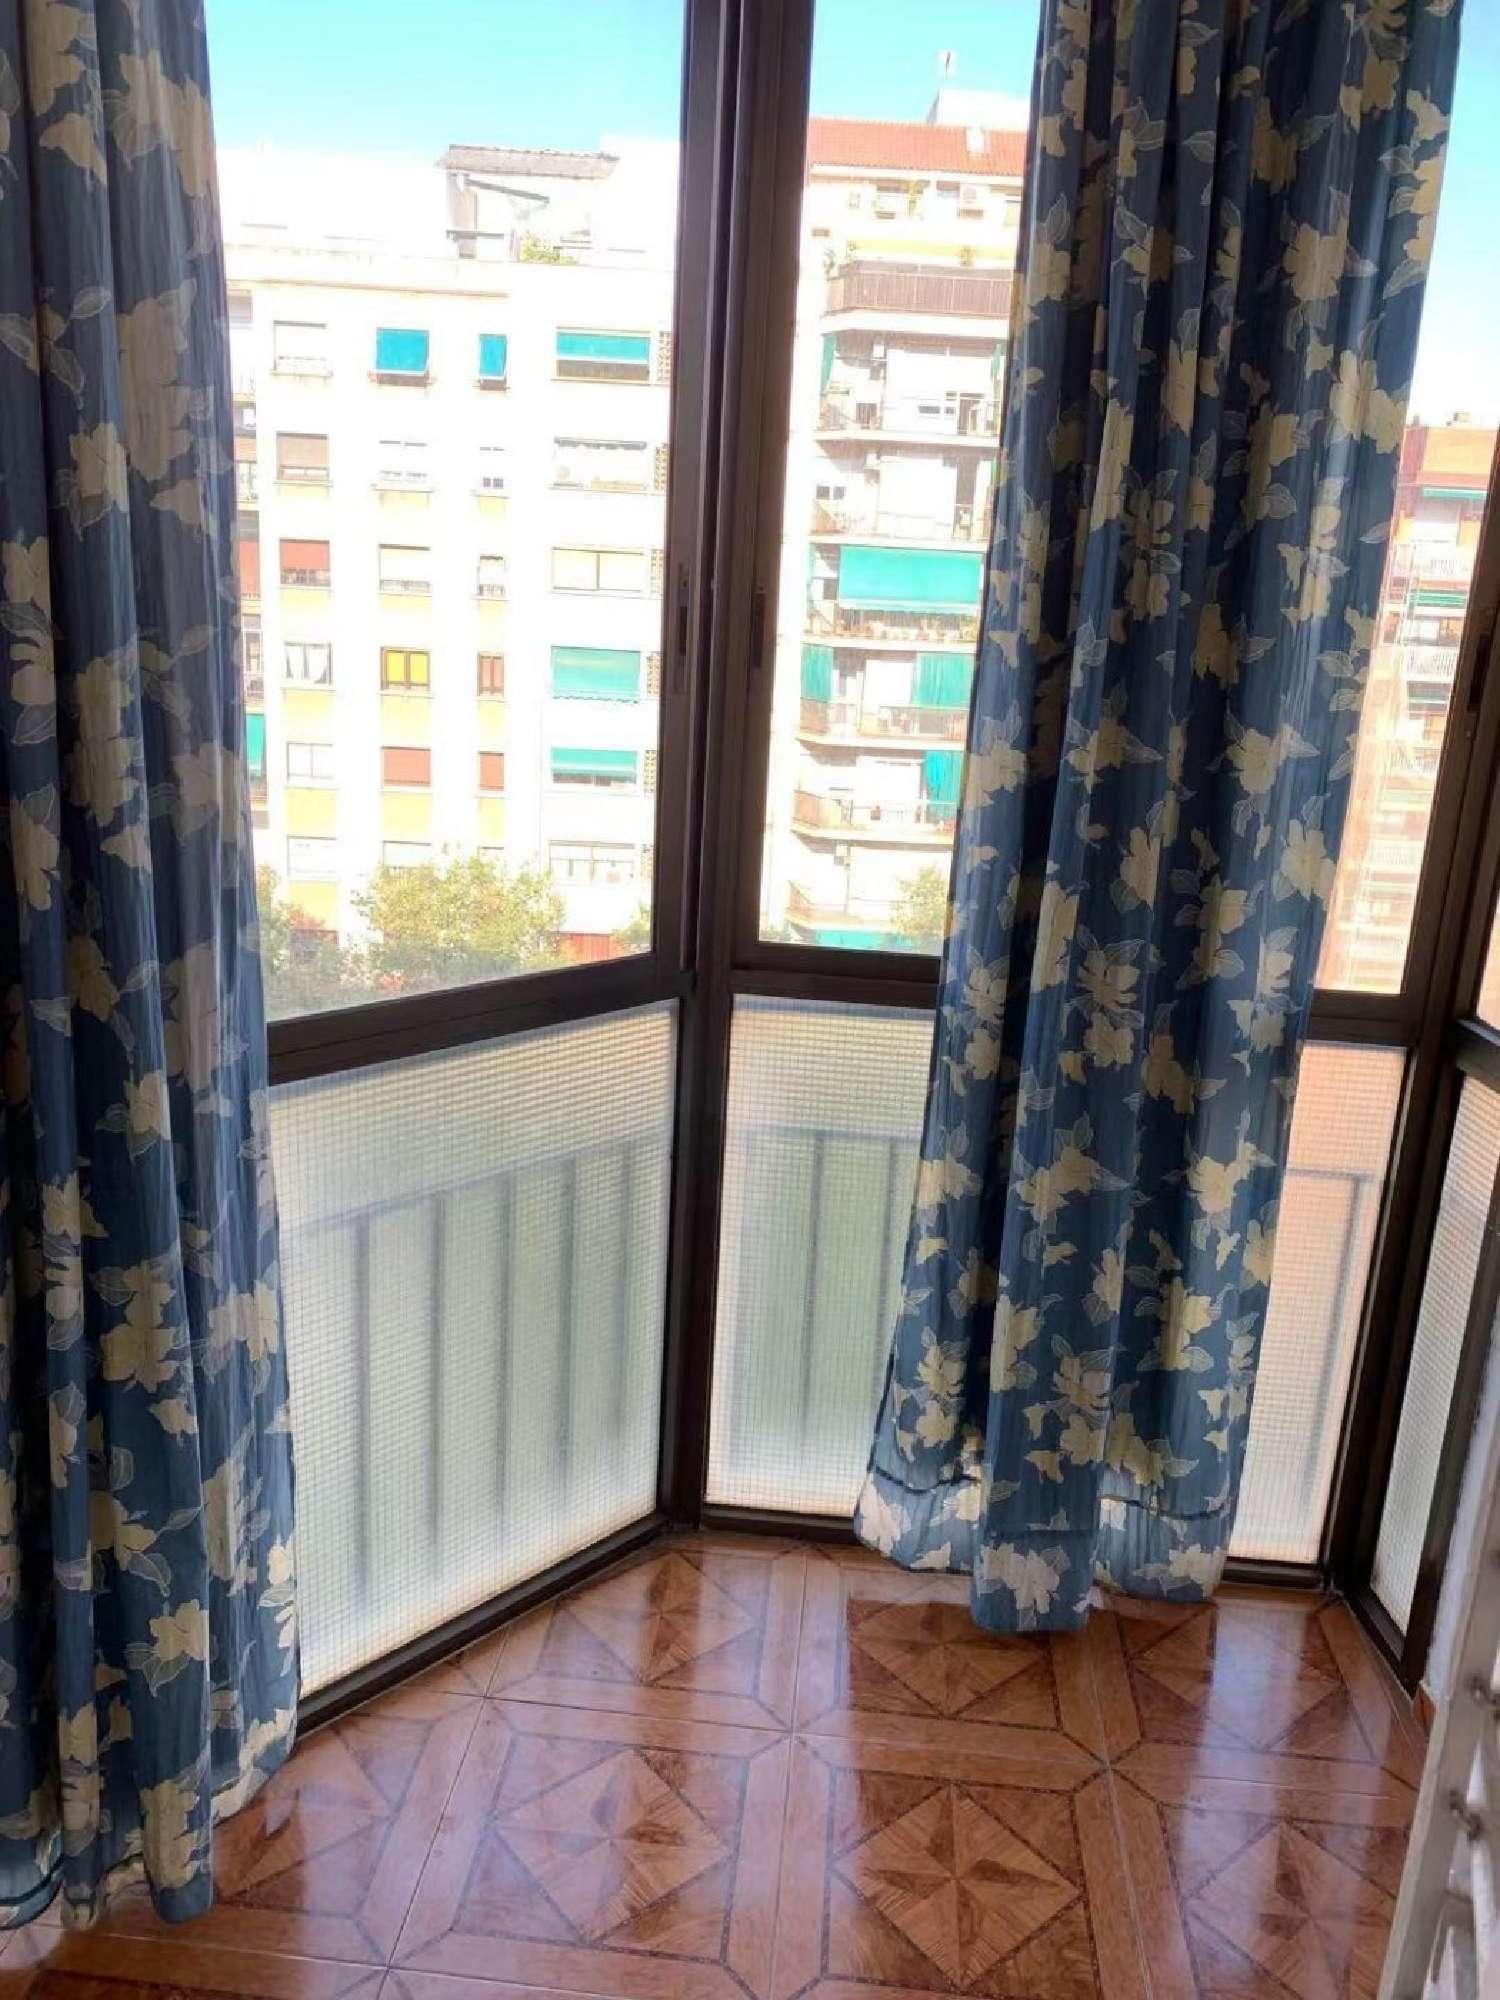 sant andreu-la sagrera barcelona piso foto 4649240